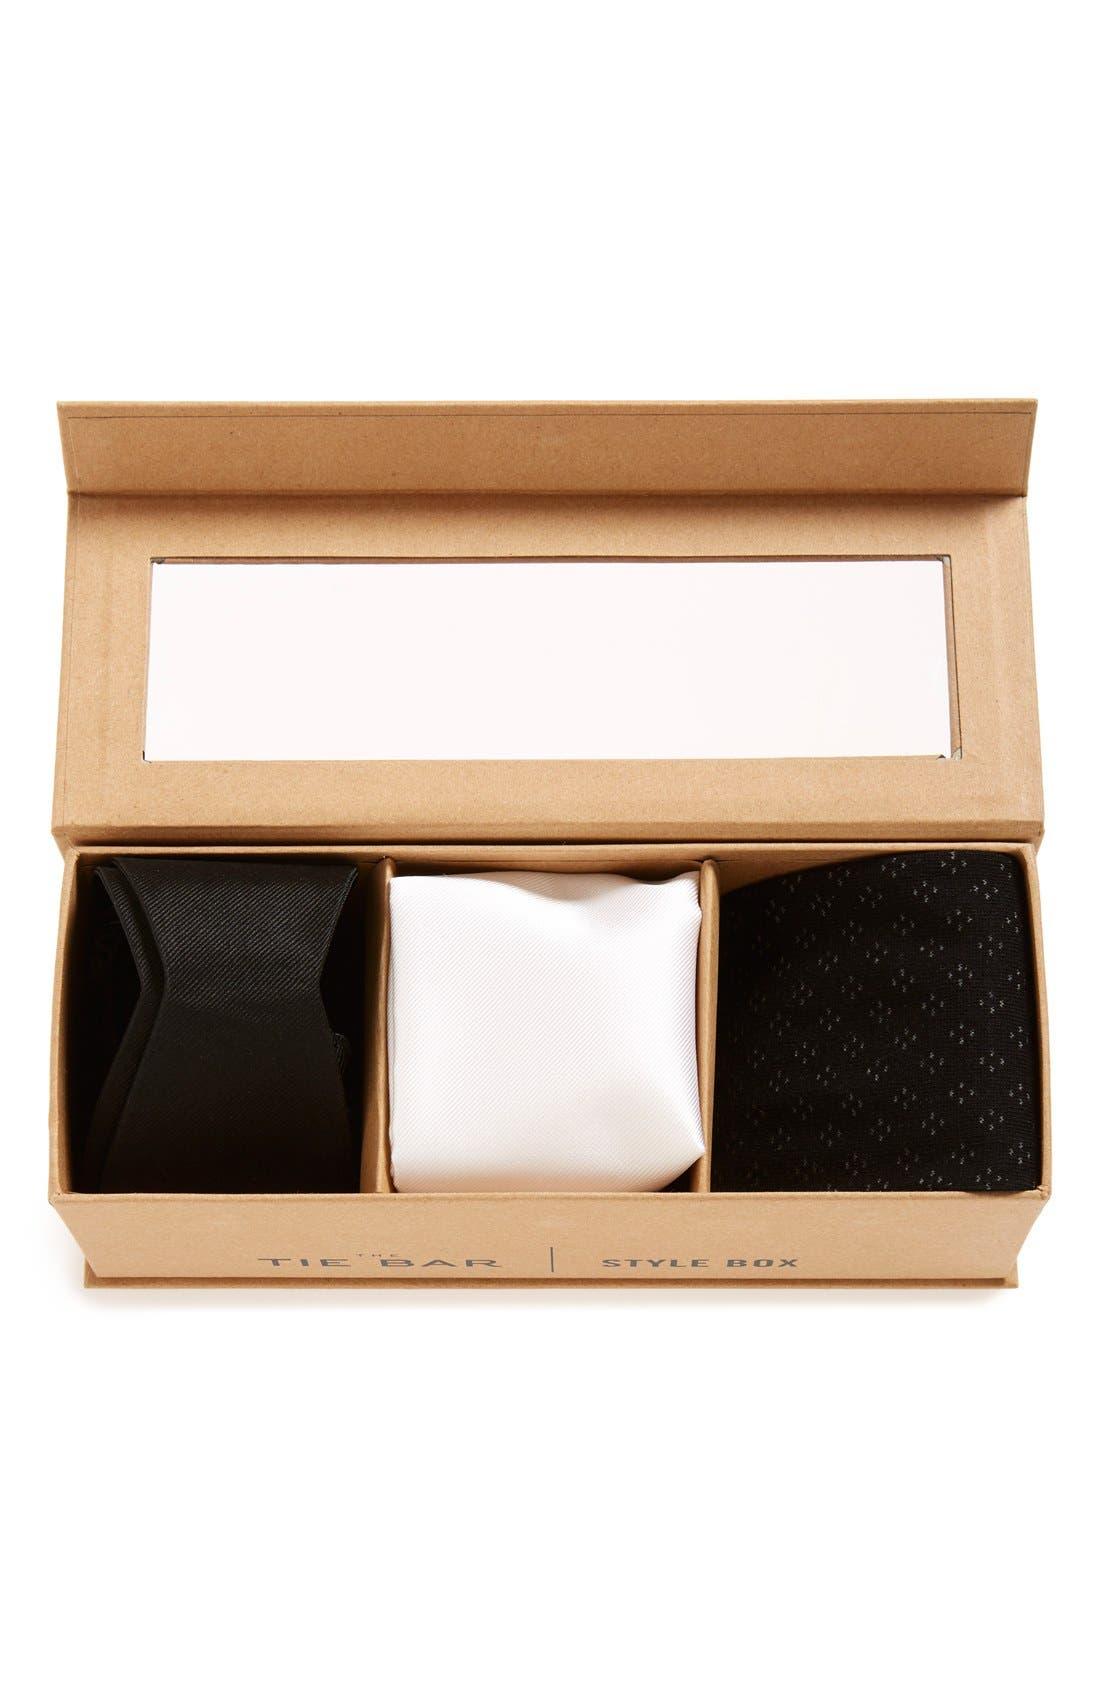 Small Style Box,                             Main thumbnail 1, color,                             001